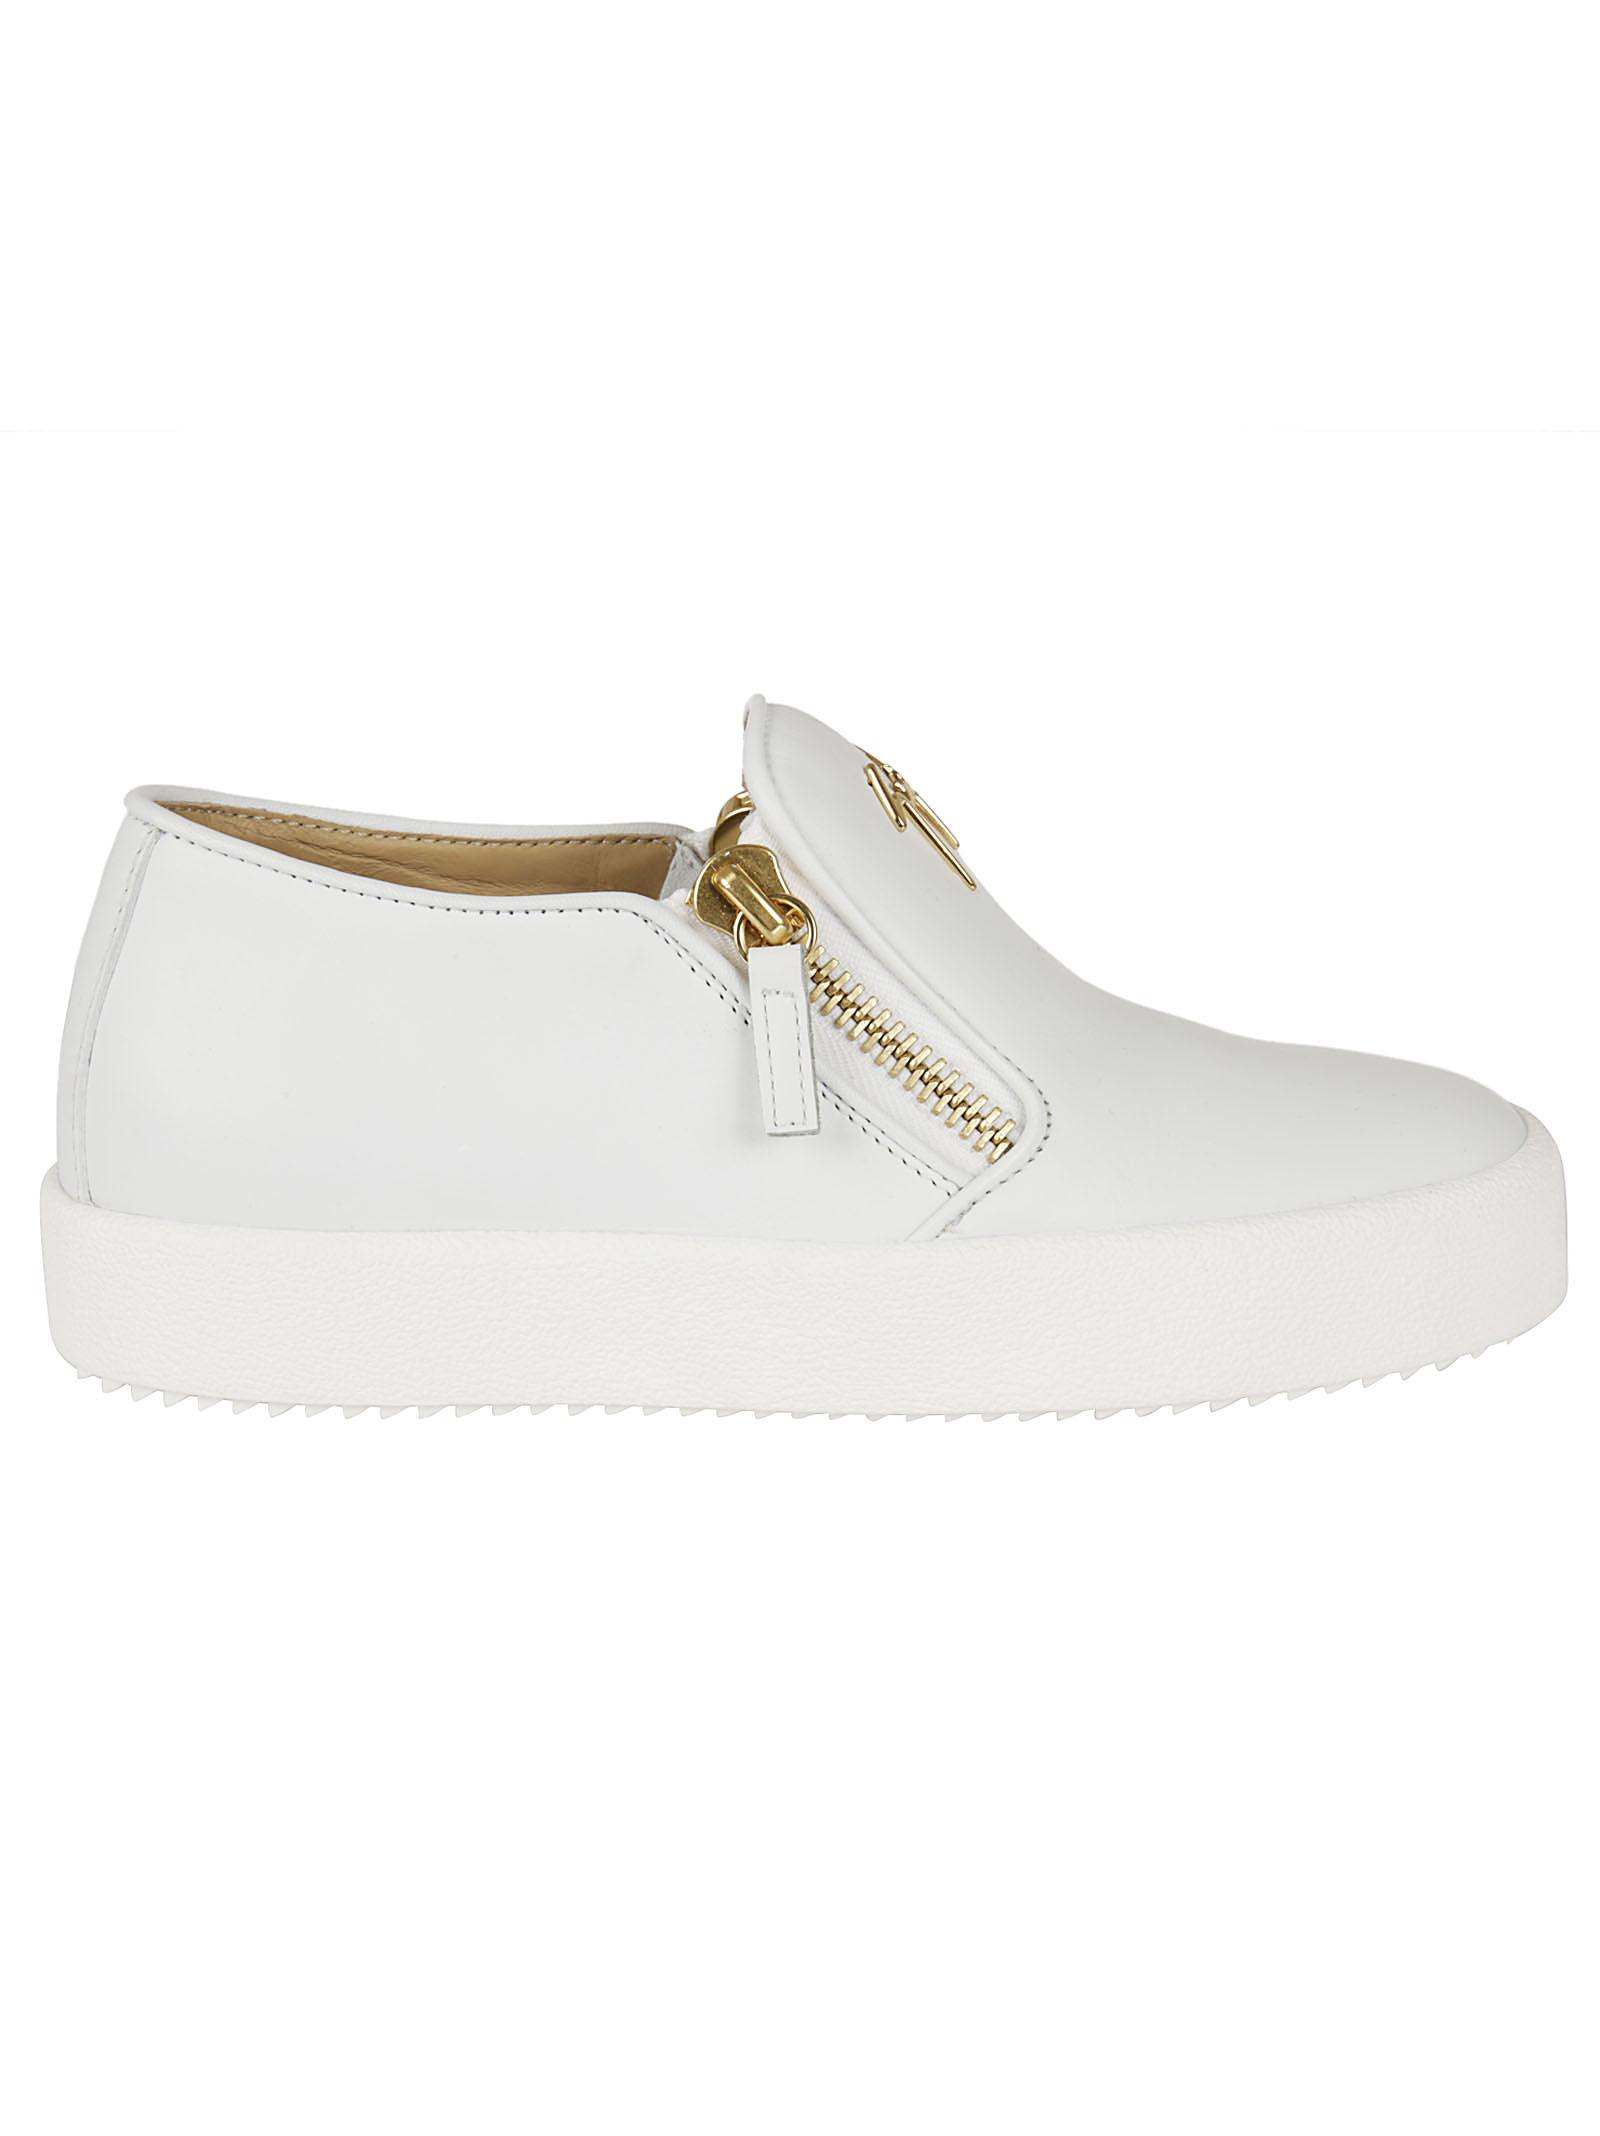 Giuseppe Zanotti Giuseppe Zanotti May London Sneakers